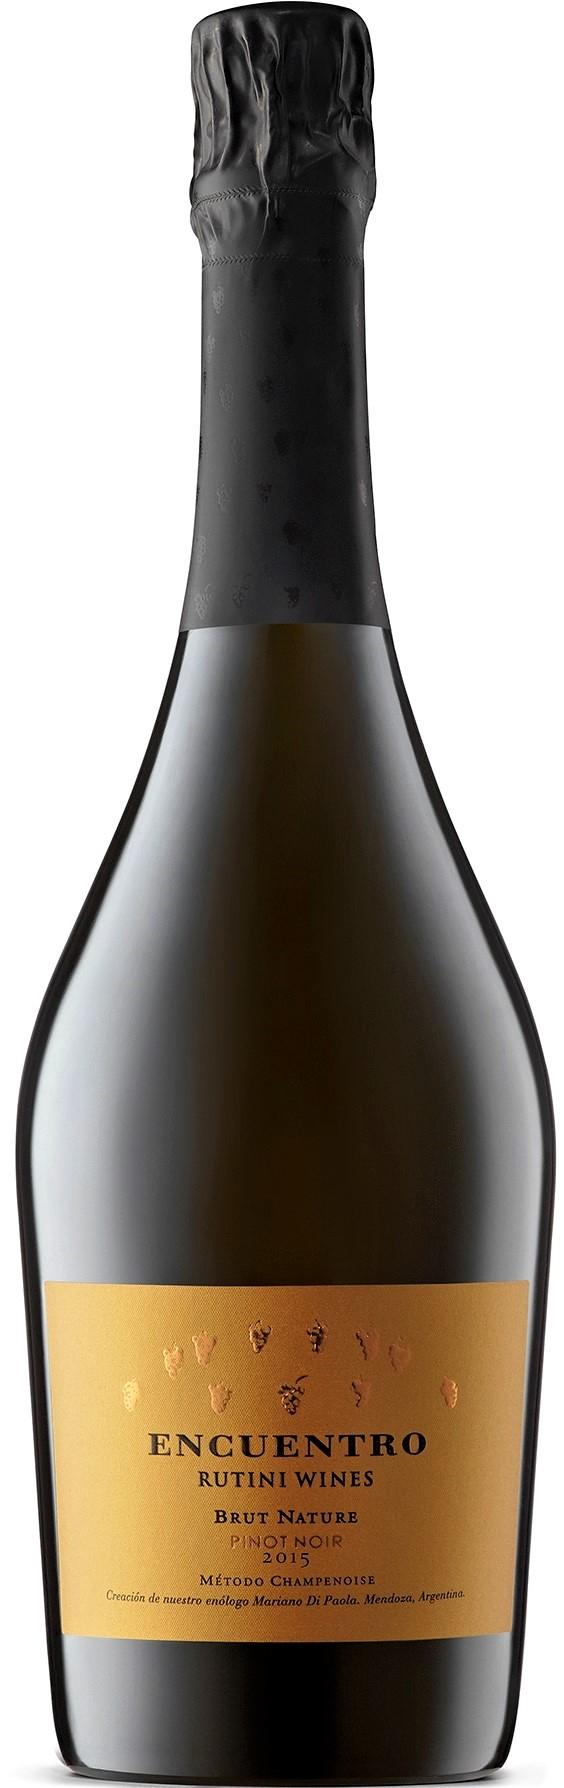 Caudalia wine Box Enero 2021 Espumante Pinot Noir Rutini Encuentro